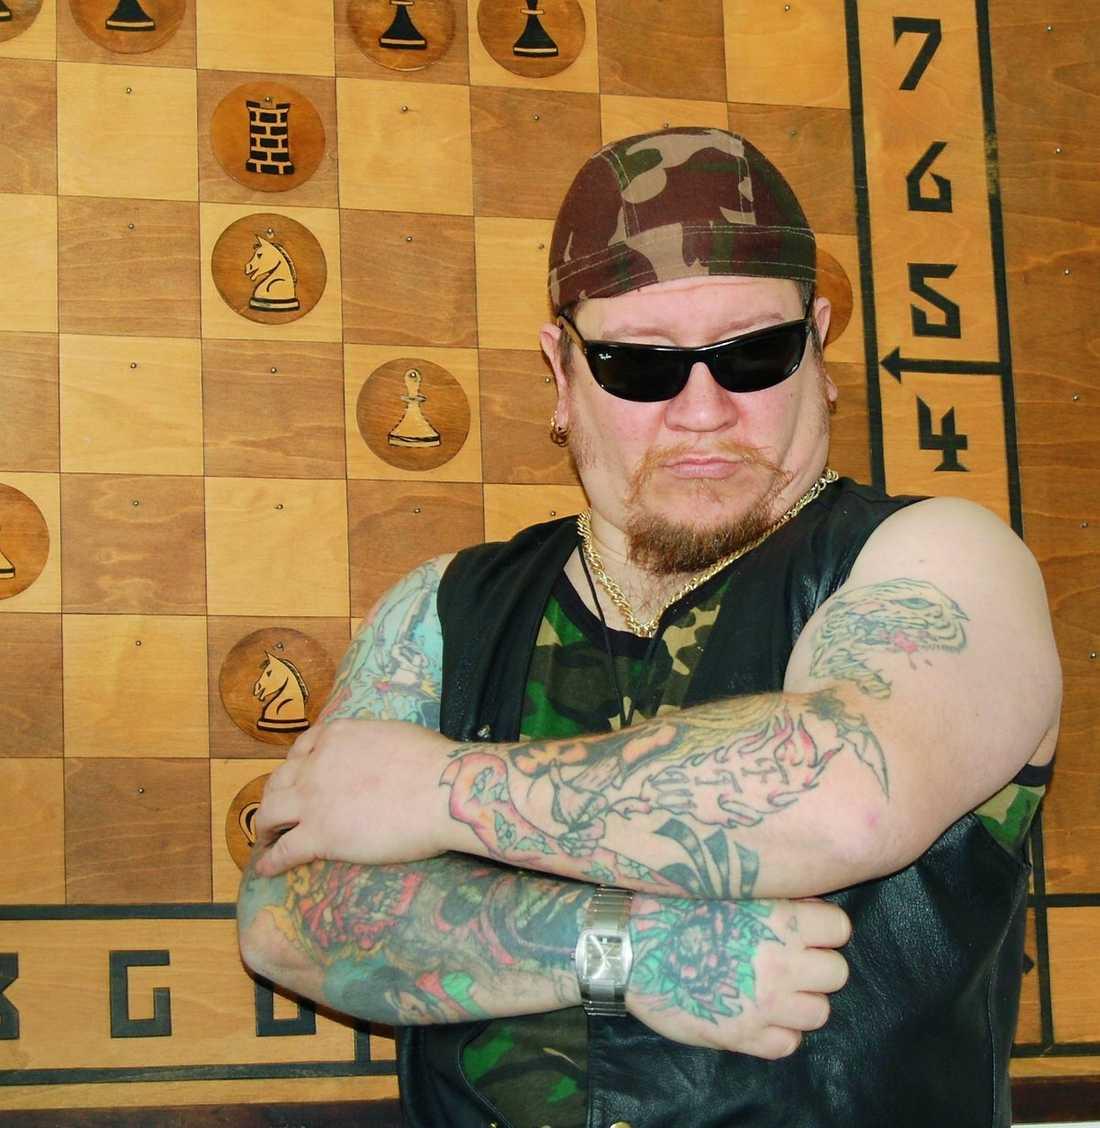 Flera gånger har Juha, som nu heter Nikita Fouganthine, rymt och varit i, eller på väg mot, Sverige när han gripits.